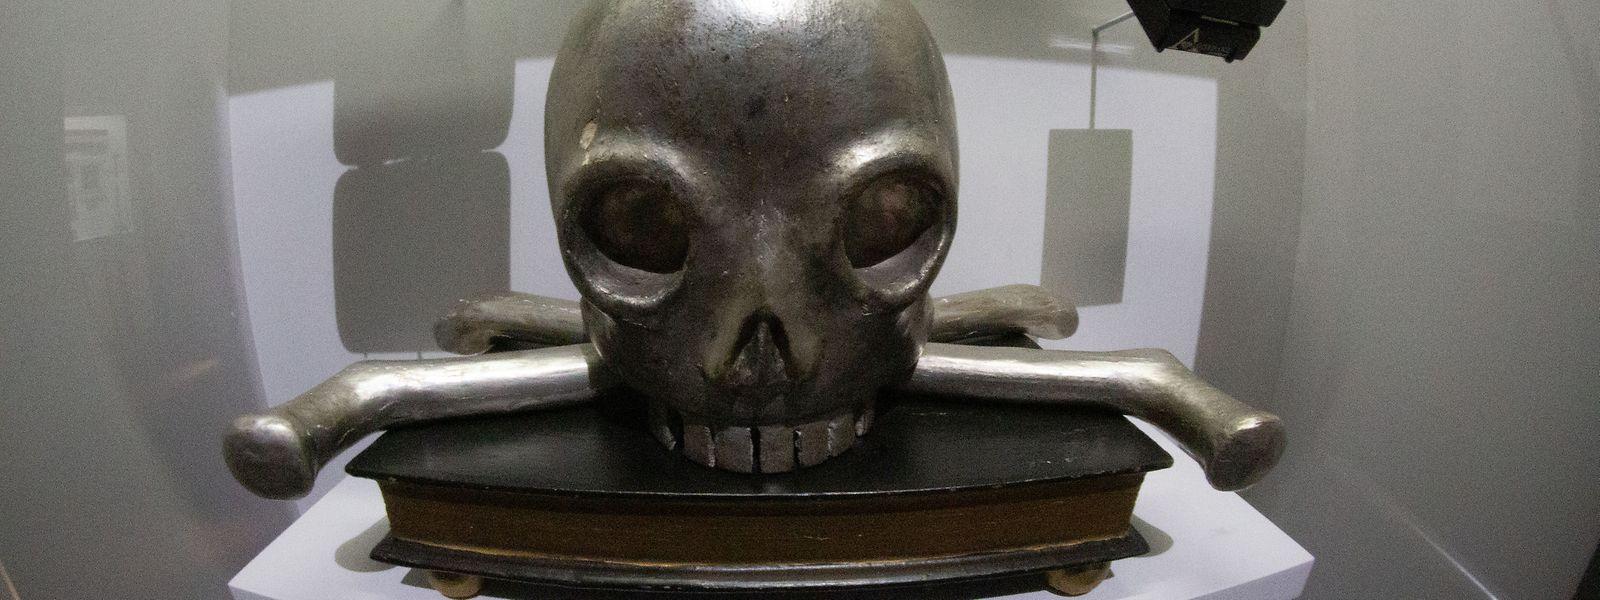 Der versilberte Totenschädel stammt aus dem 19. Jahrhundert.